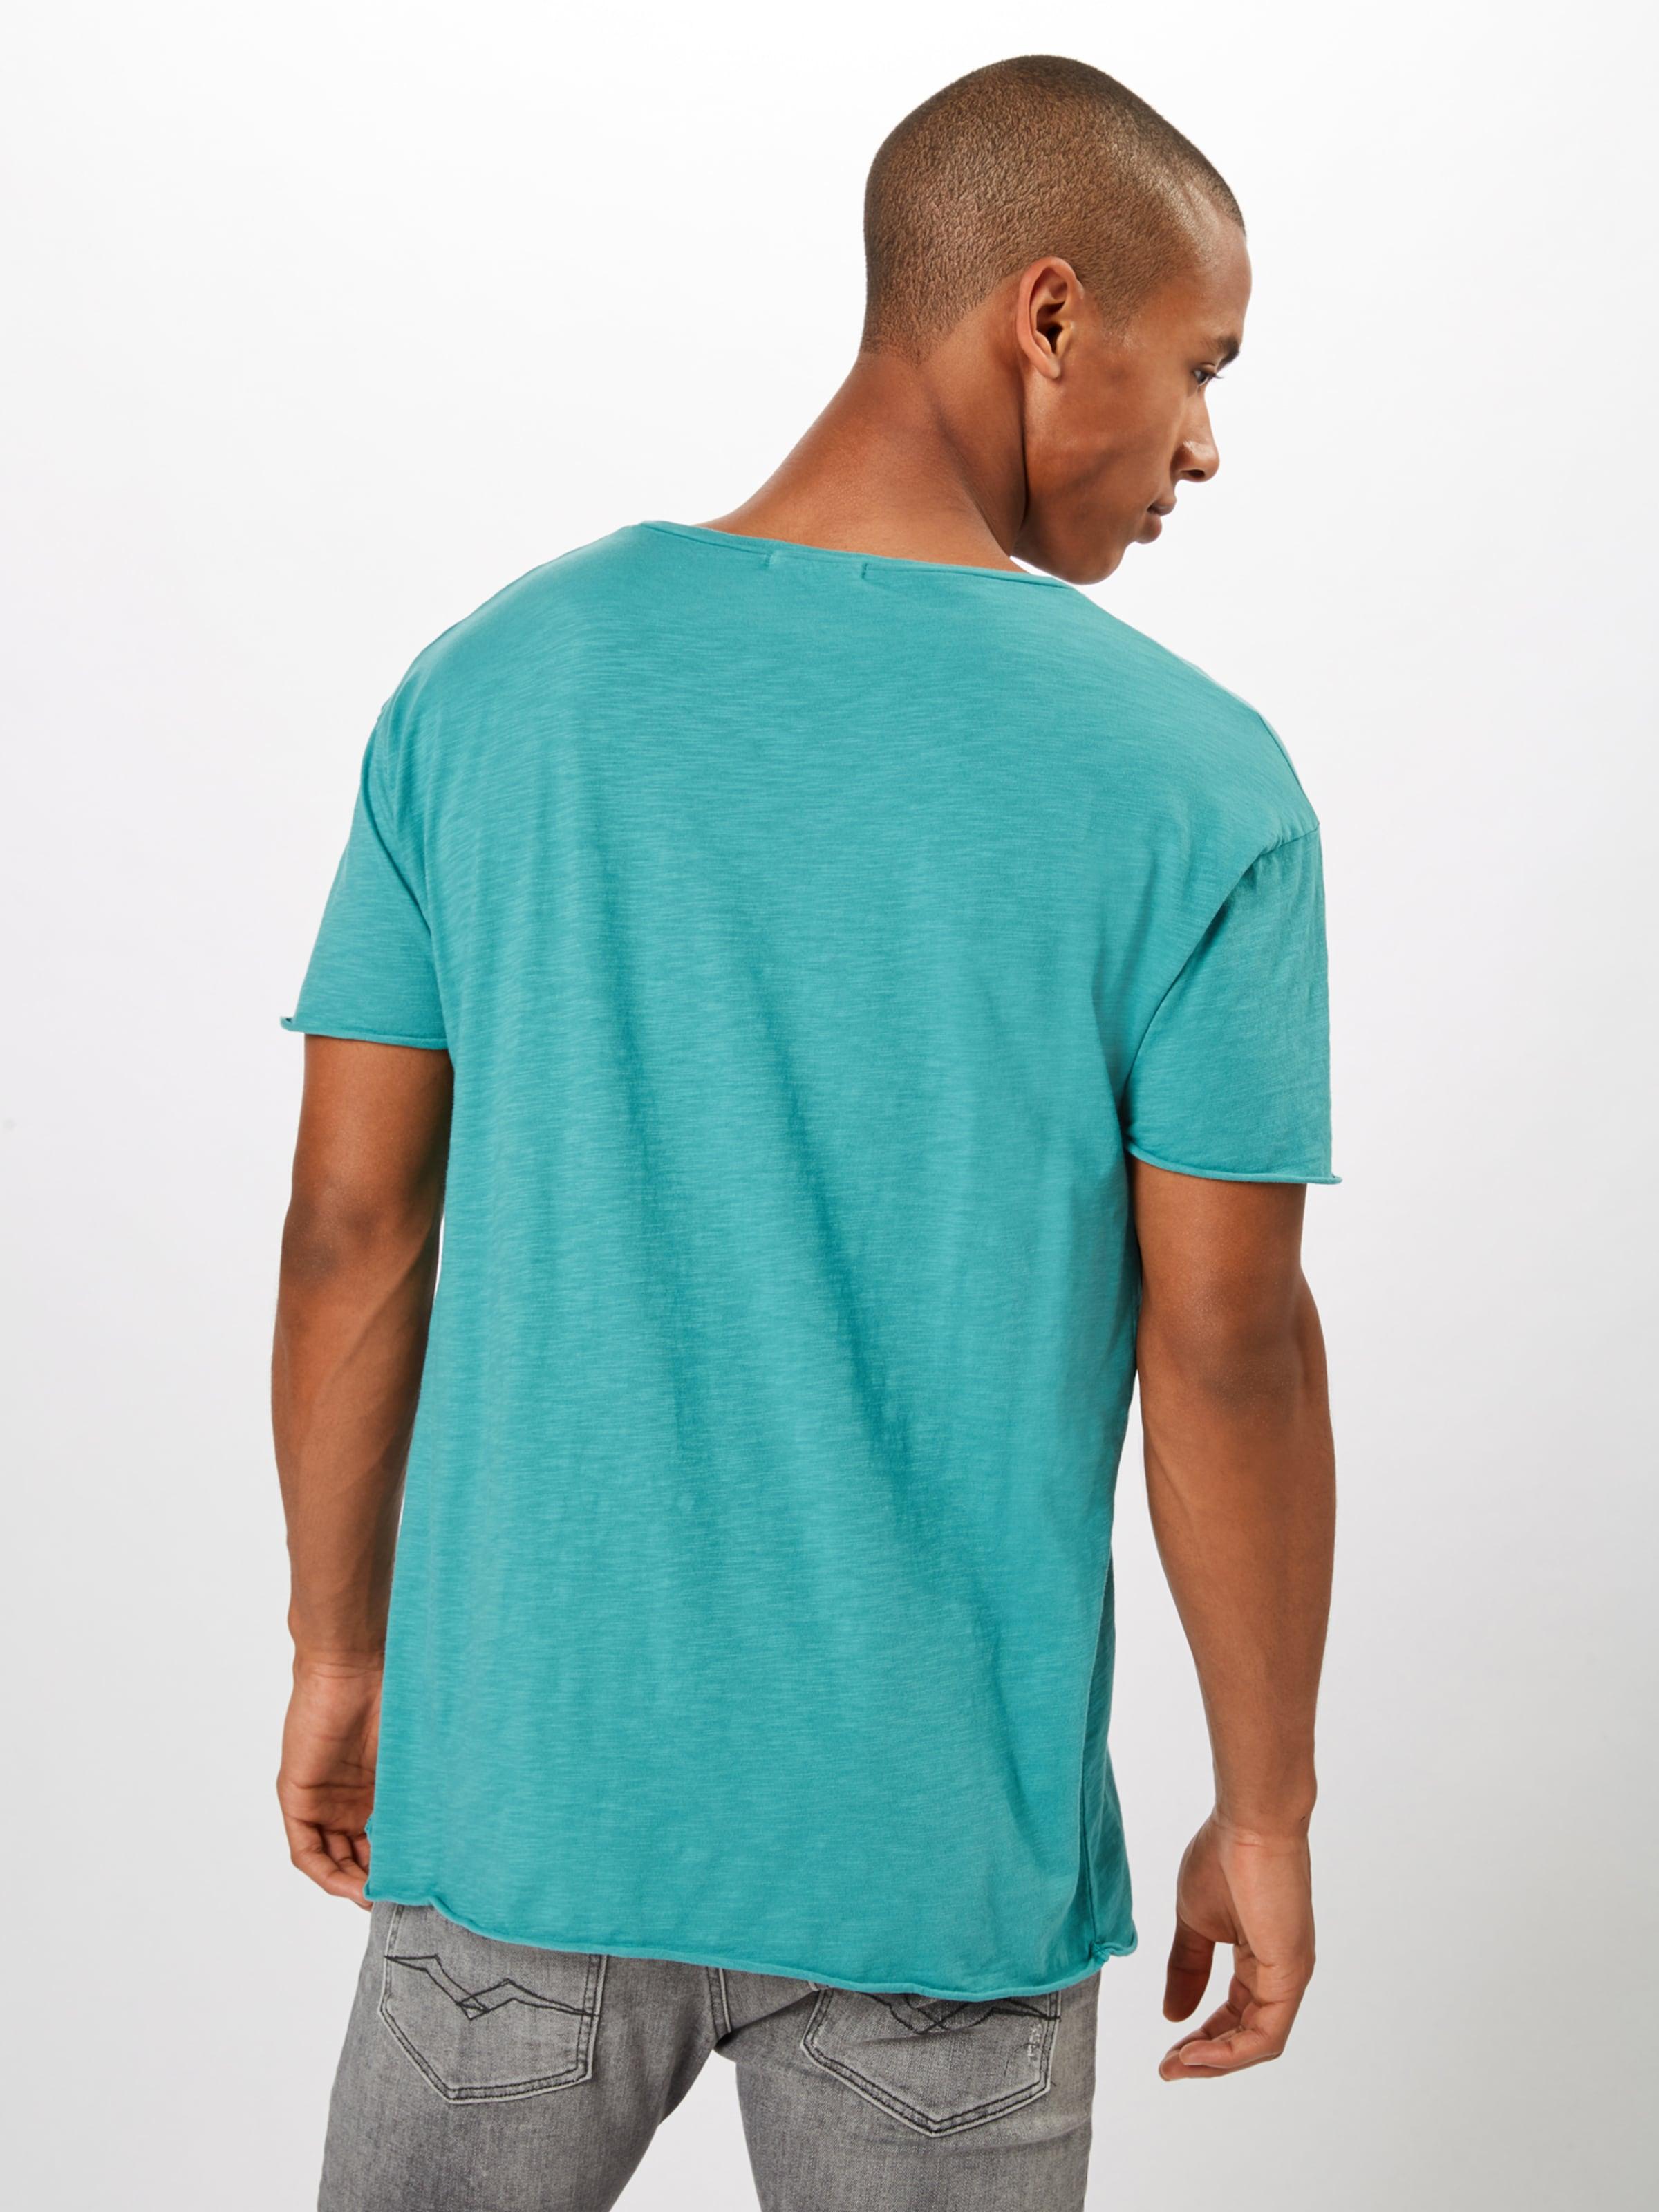 Jeans Co Slub' 'roger T Nudie shirt In Türkis 67bYfgy